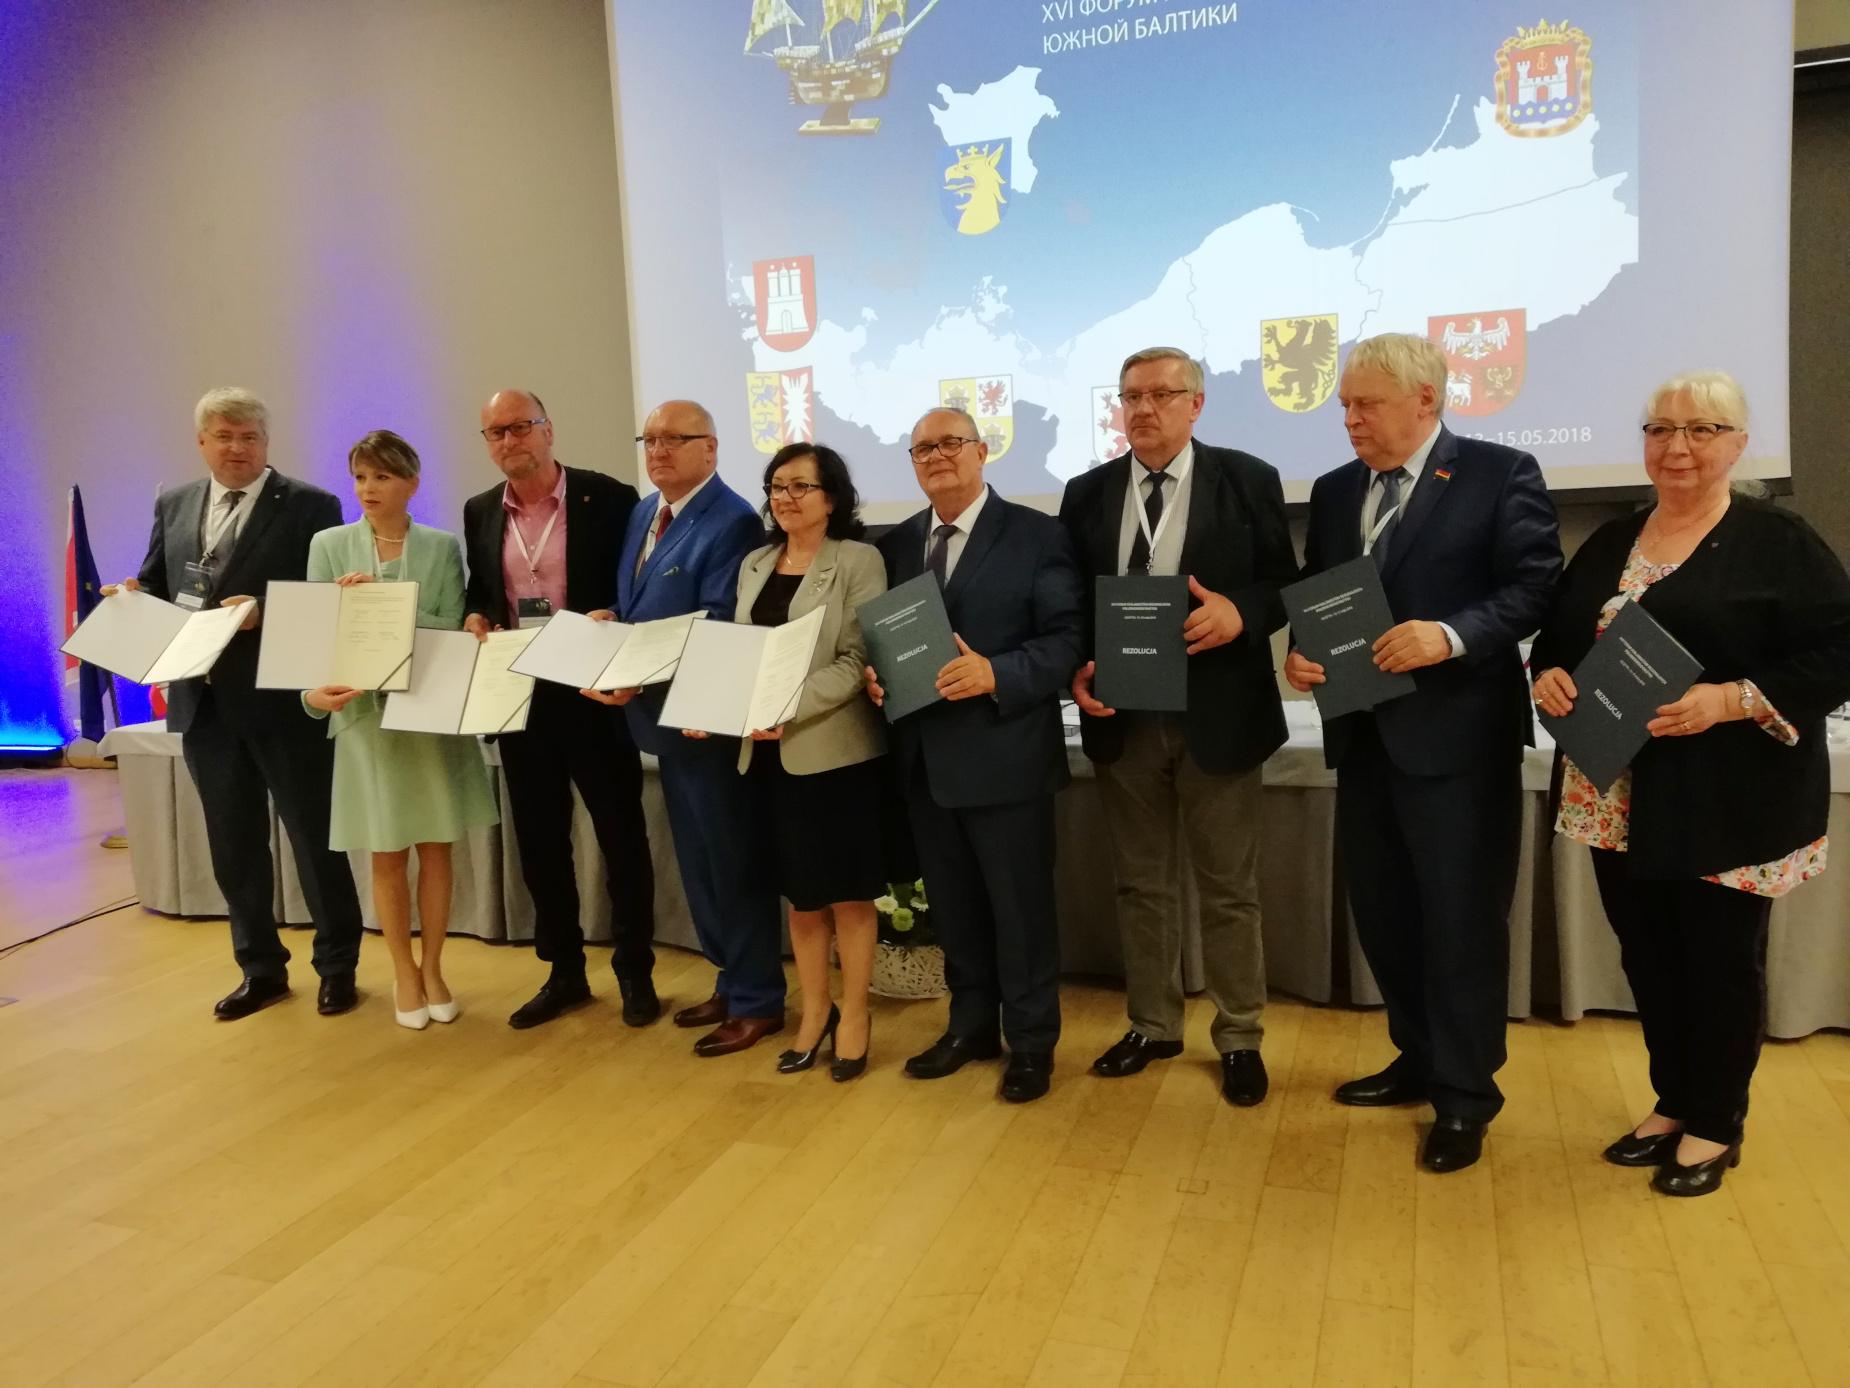 Dyskusje o ekologicznym transporcie i regionalnej tożsamości. Spotkanie regionalnych parlamentów państw bałtyckich